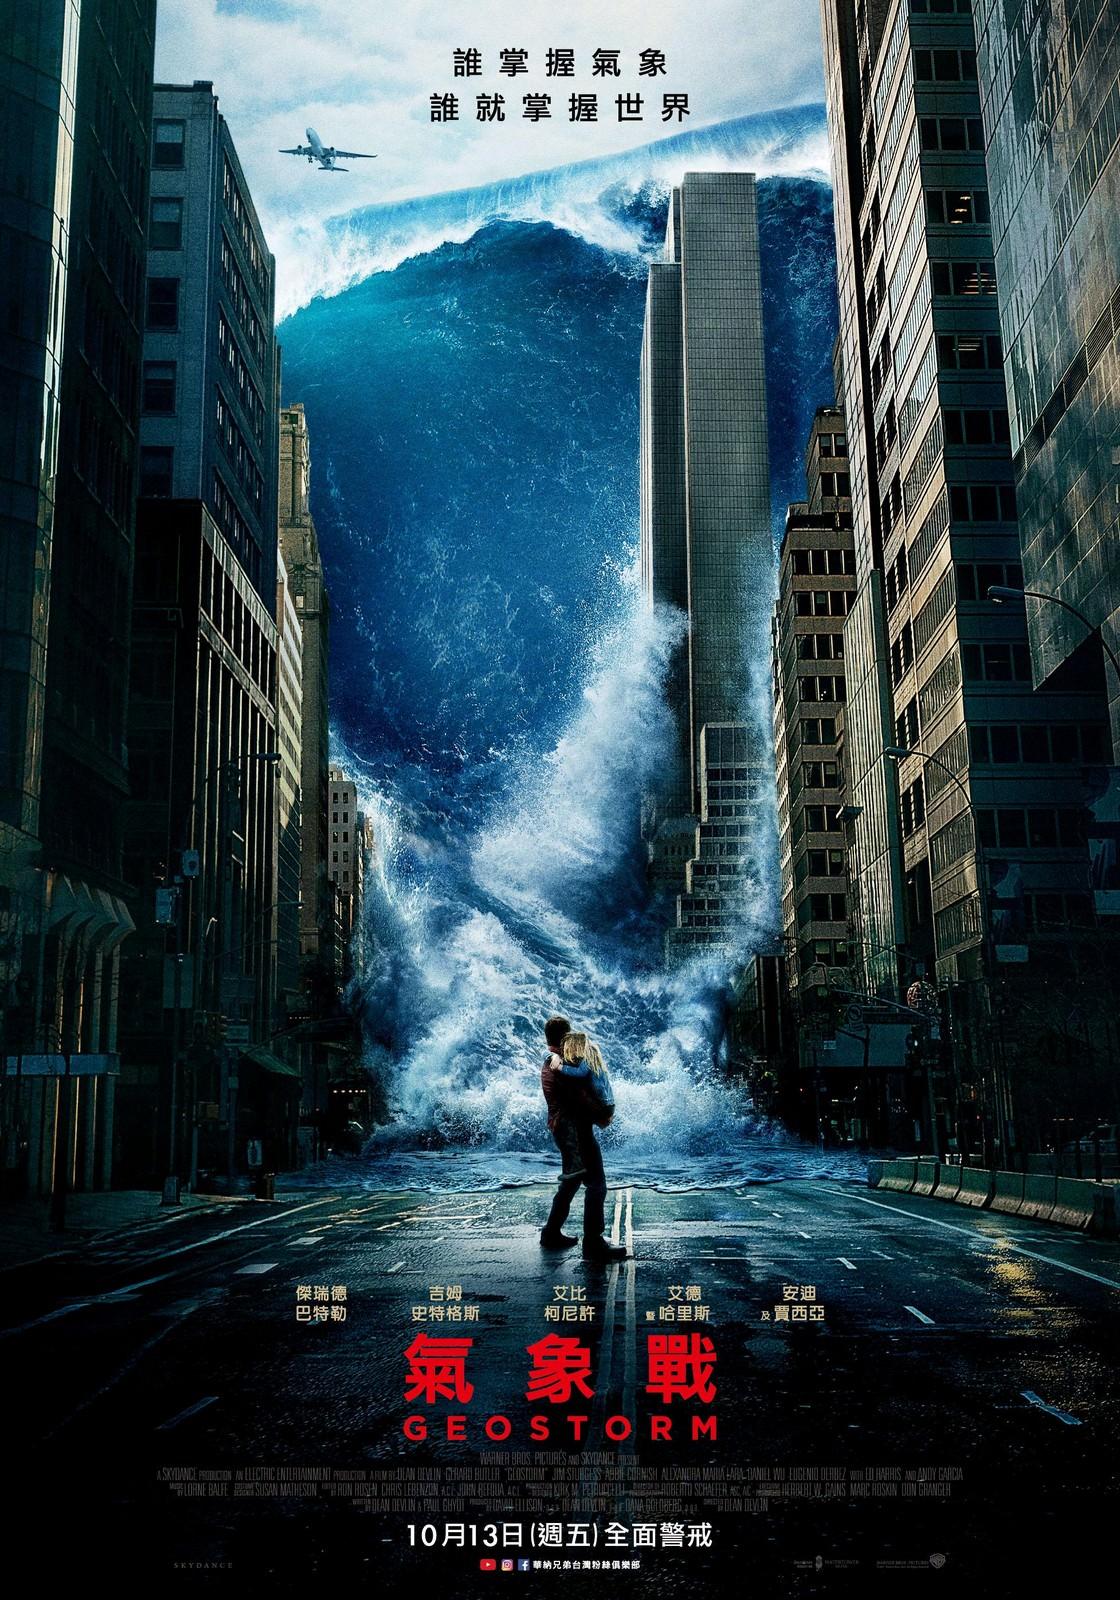 Movie, Geostorm(美國, 2017) / 氣象戰(台灣) / 全球风暴(中國) / 人造天劫(香港), 電影海報, 台灣